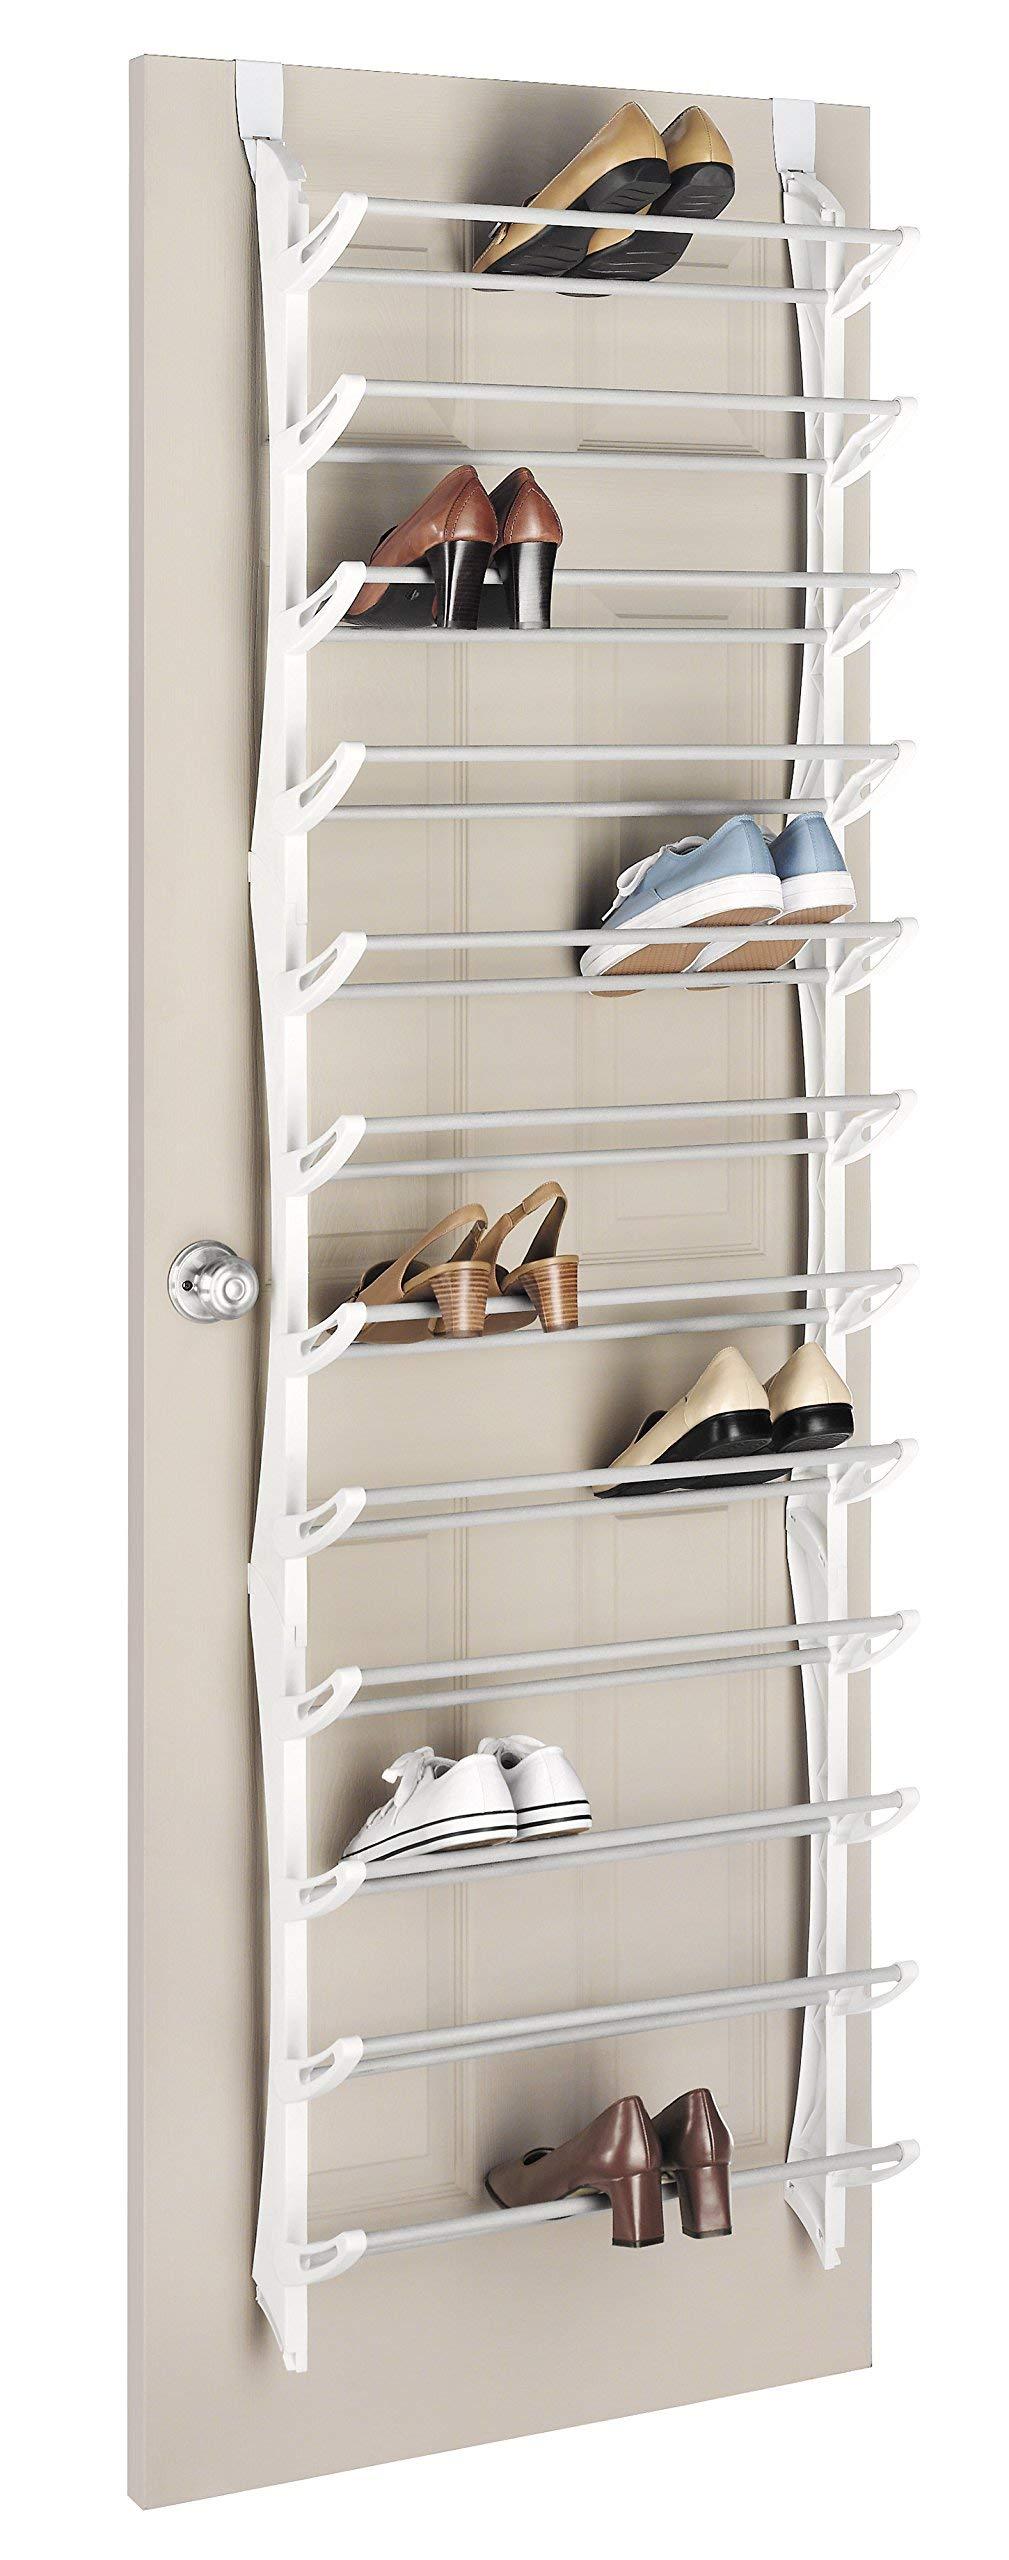 Whitmor Over The Door Rack-36 Fold Up Non Slip Bars Shoe Rack, 36-Pair, White (Renewed) by Whitmor